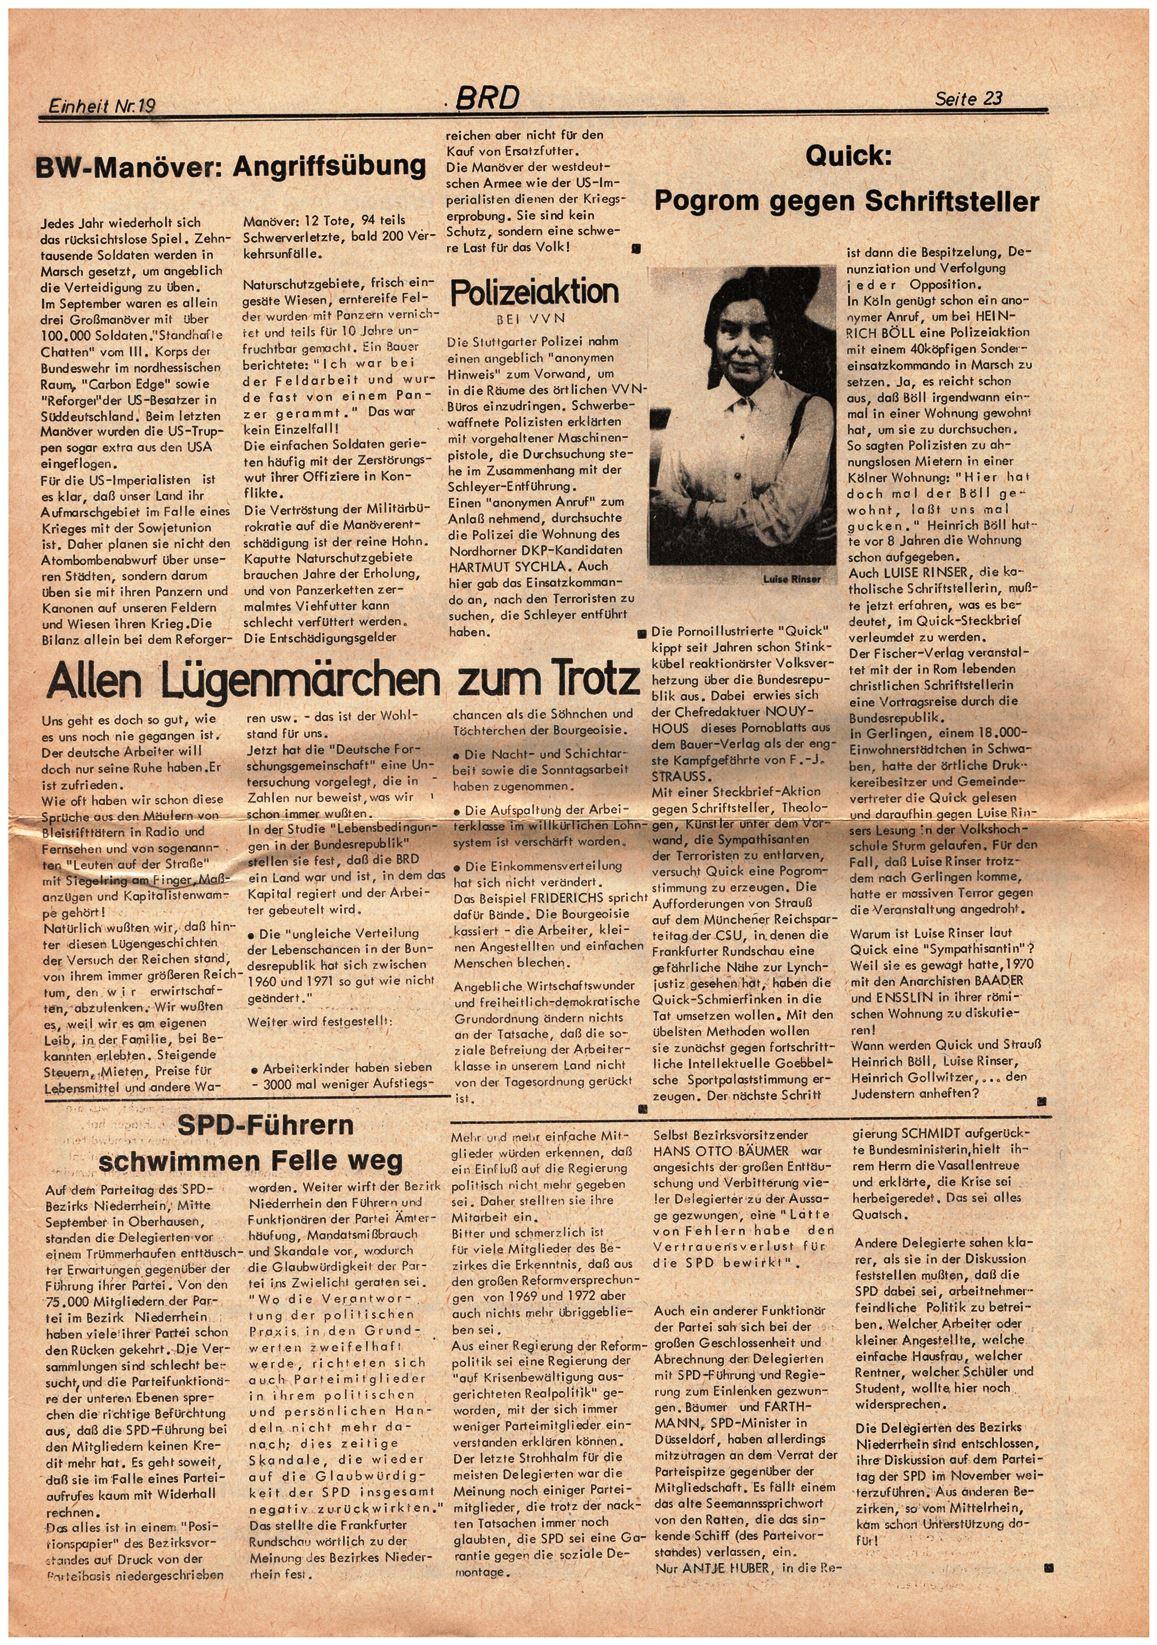 Koeln_IPdA_Einheit_1977_019_025